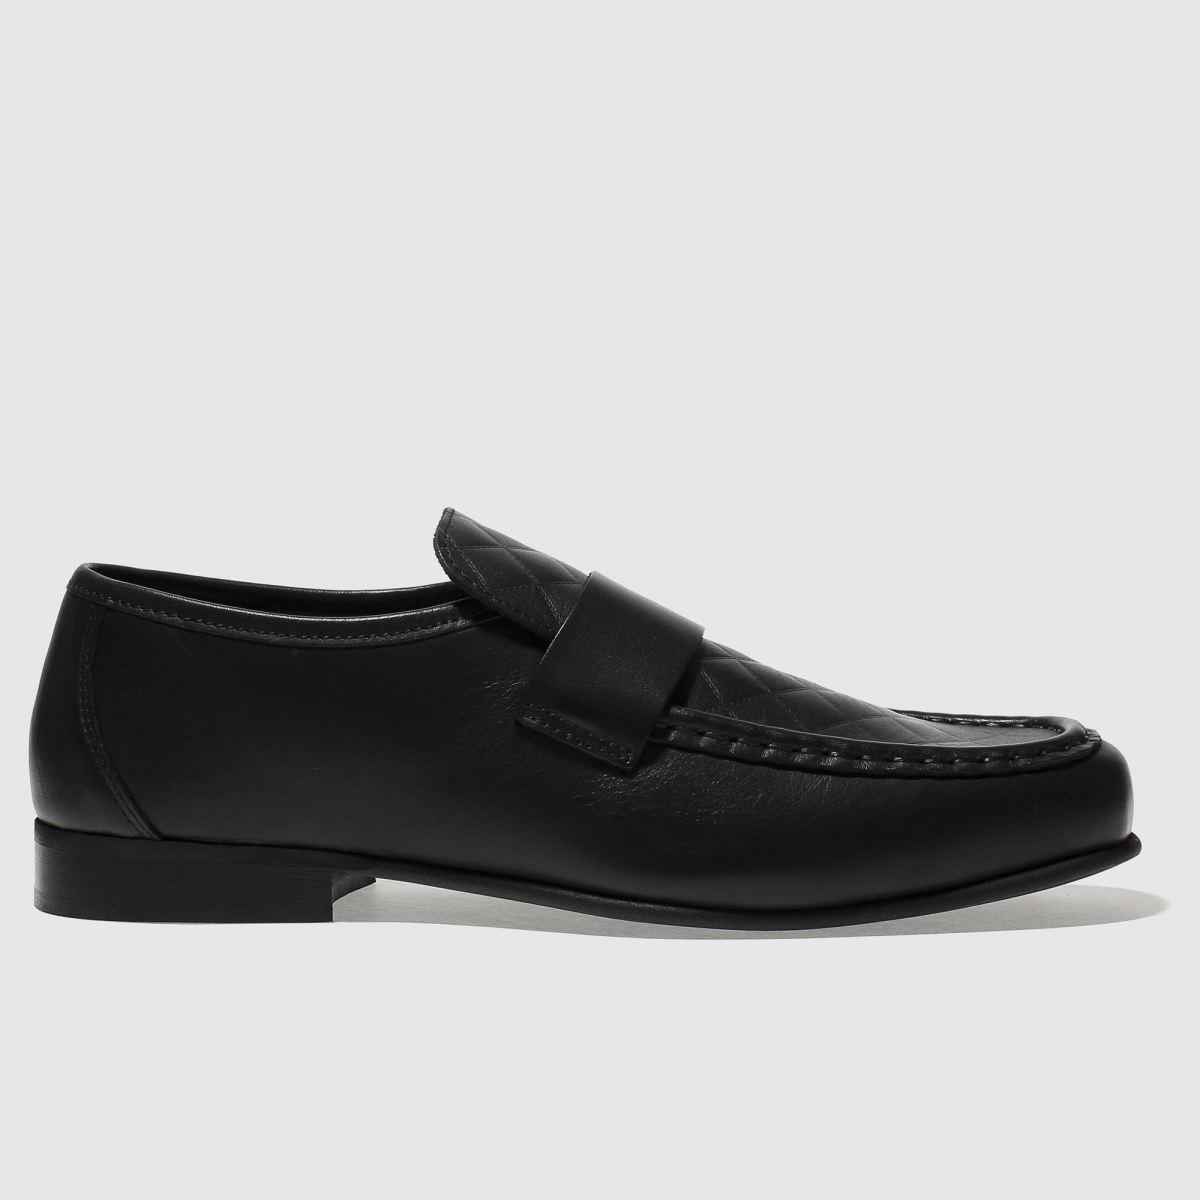 schuh black argent quilt shoes